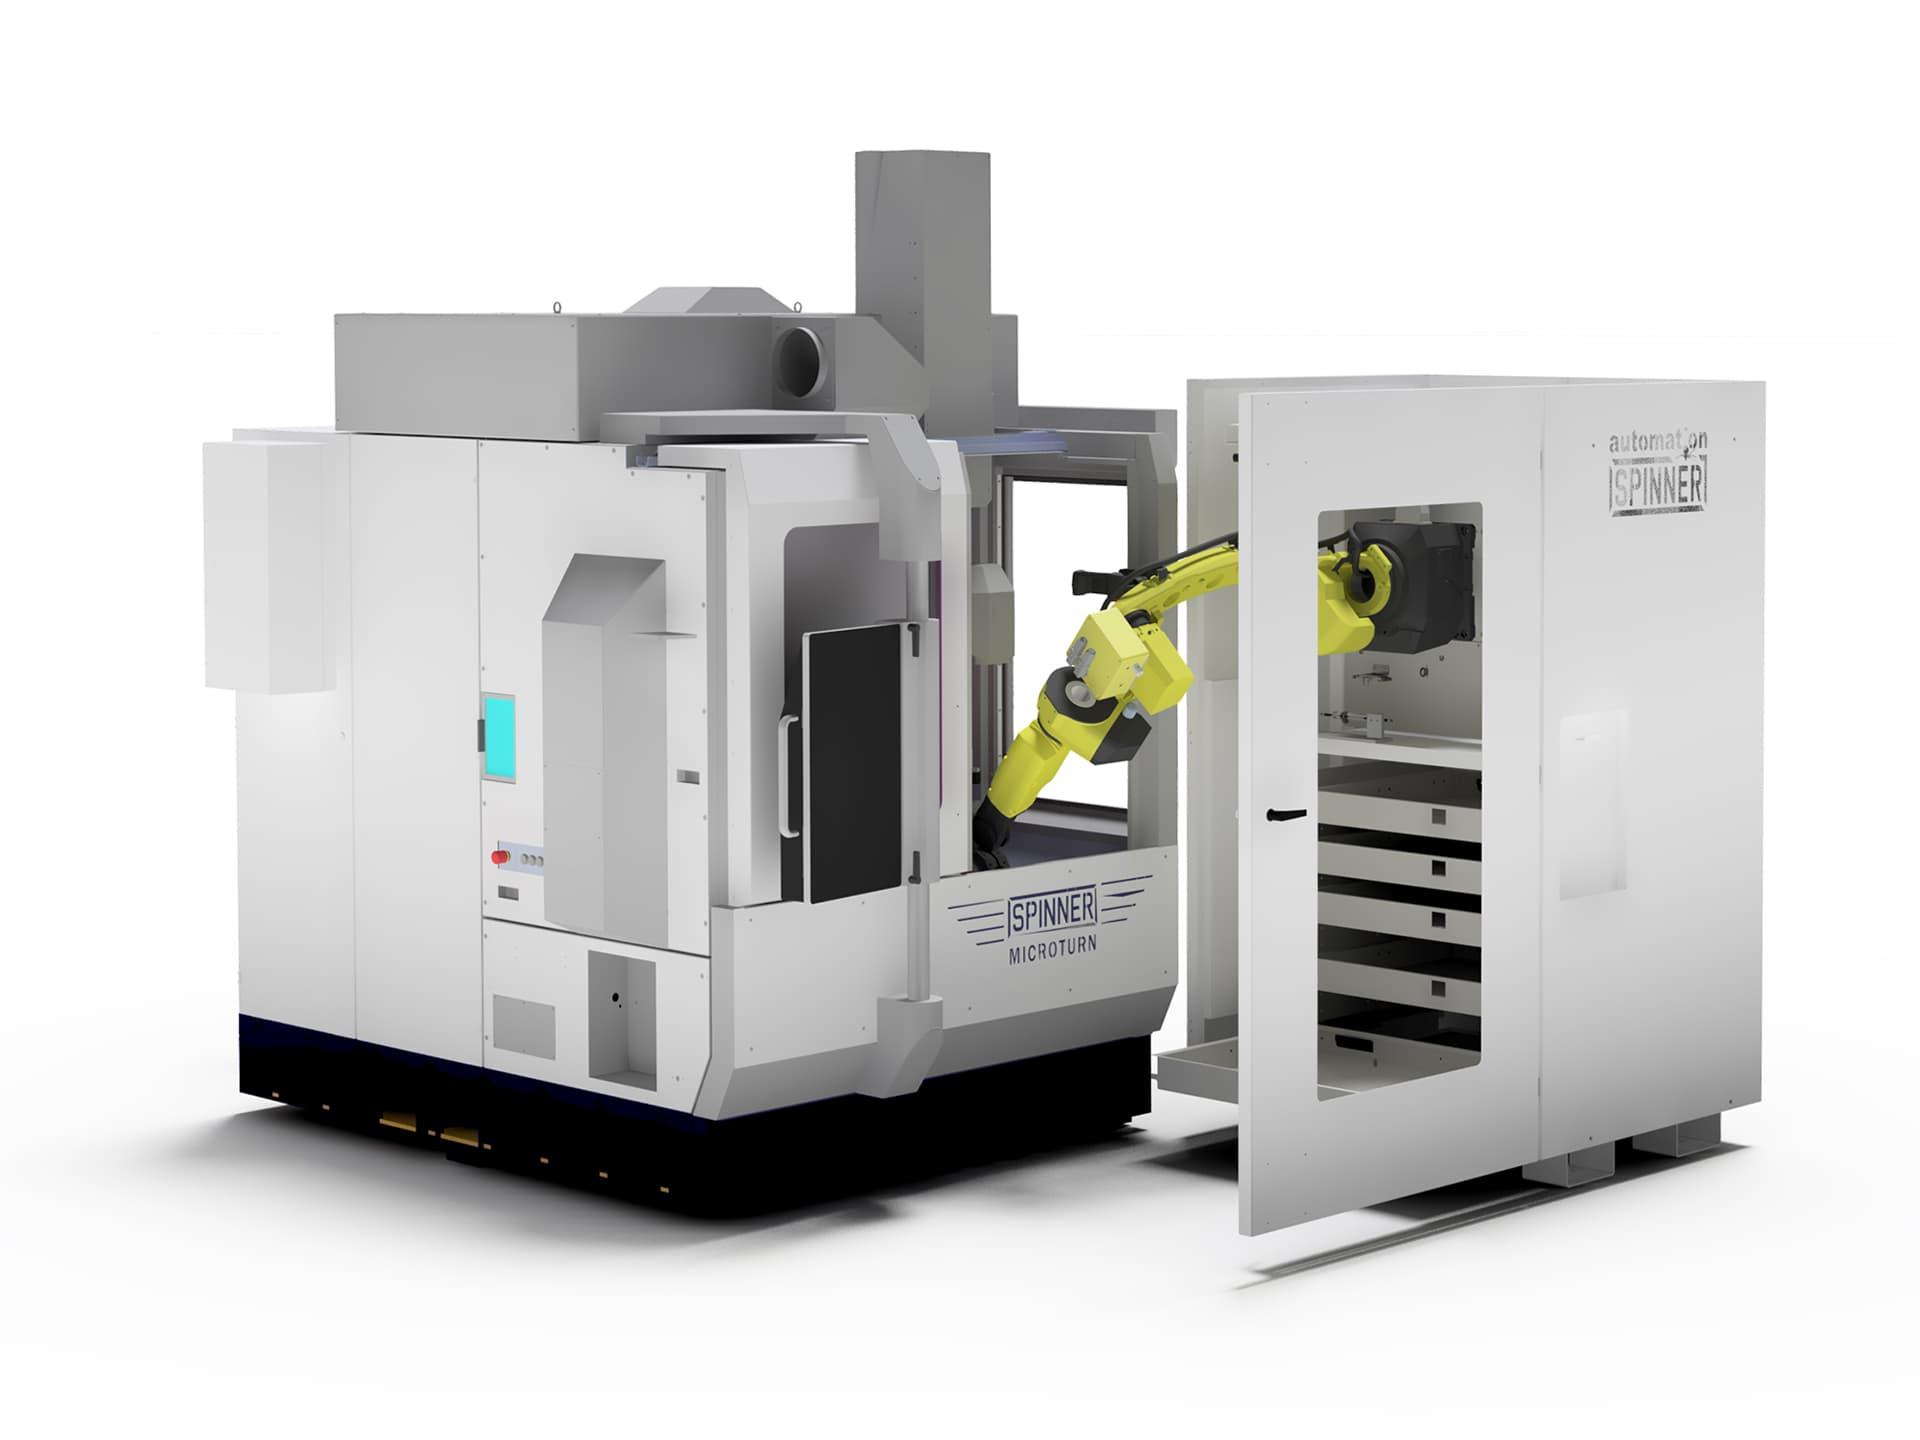 Spinner AG - Visualisierung Robobox mit Ultrapräzisionszentrum Spinner Microturn